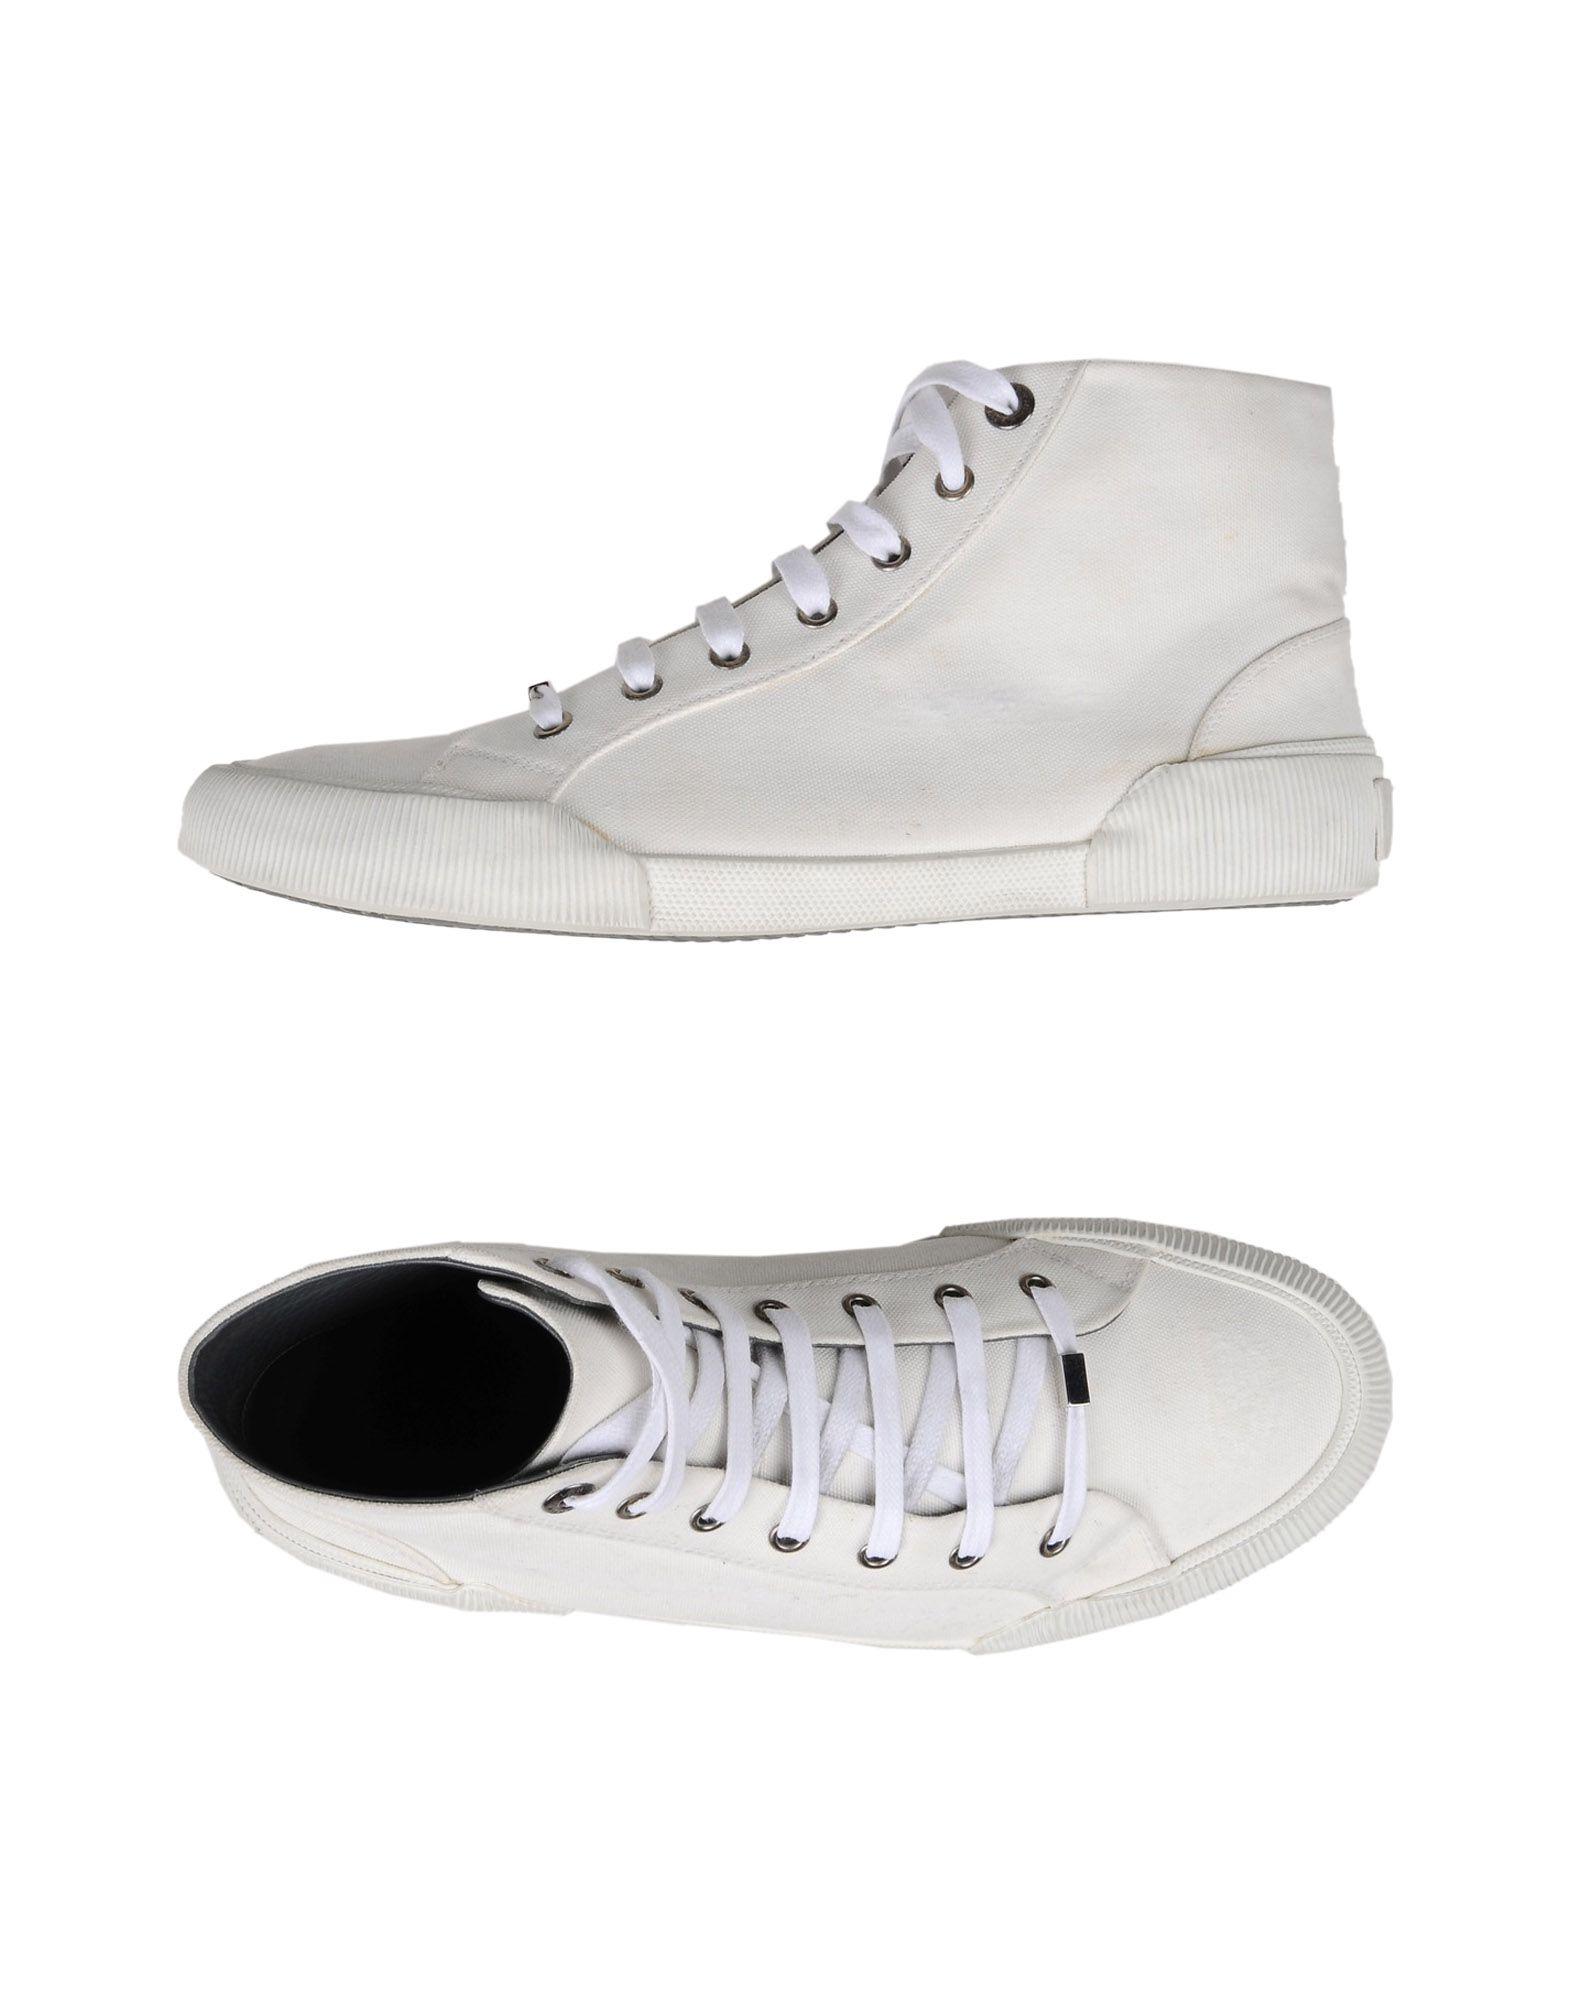 Lanvin Sneakers Herren Qualität  11371726JD Gute Qualität Herren beliebte Schuhe 015b2b